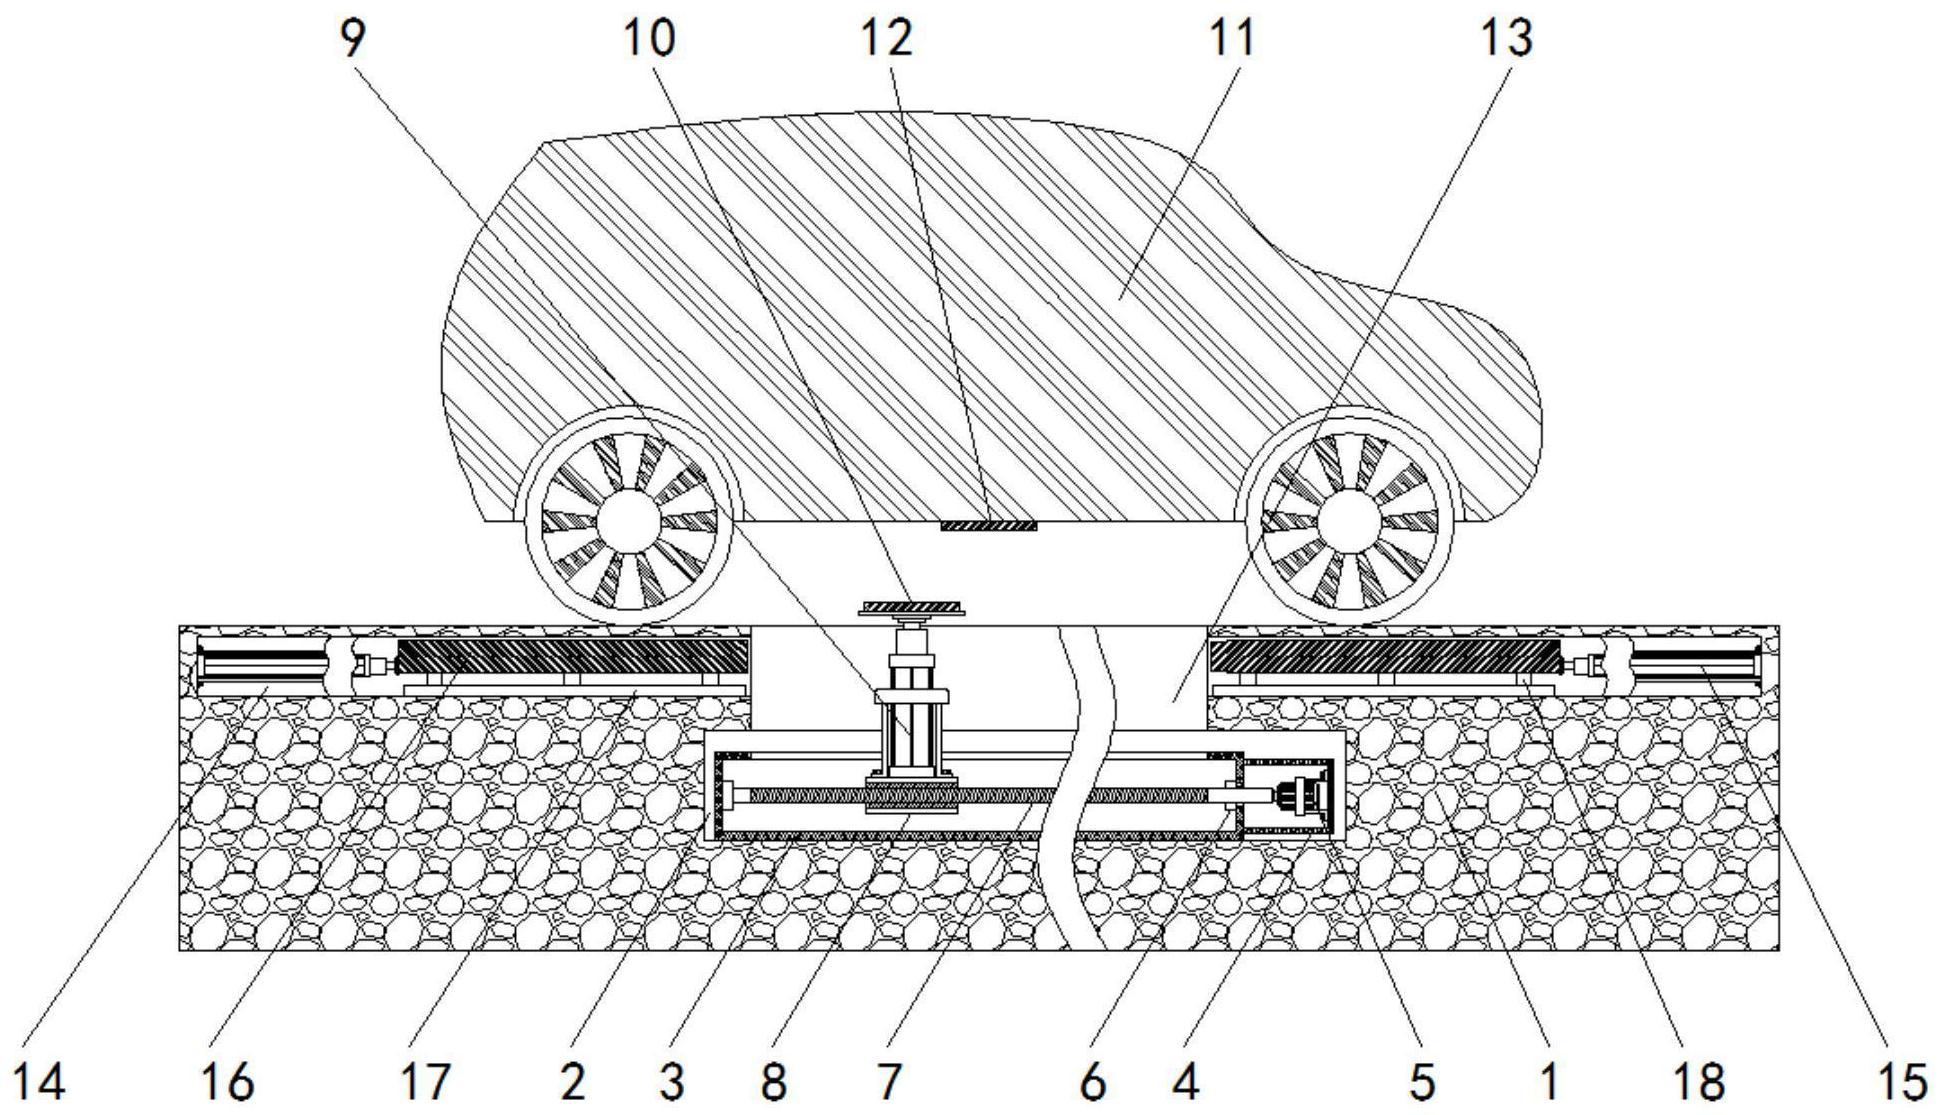 一种高速公路两侧的升降式无线充电器和汽车对位装置